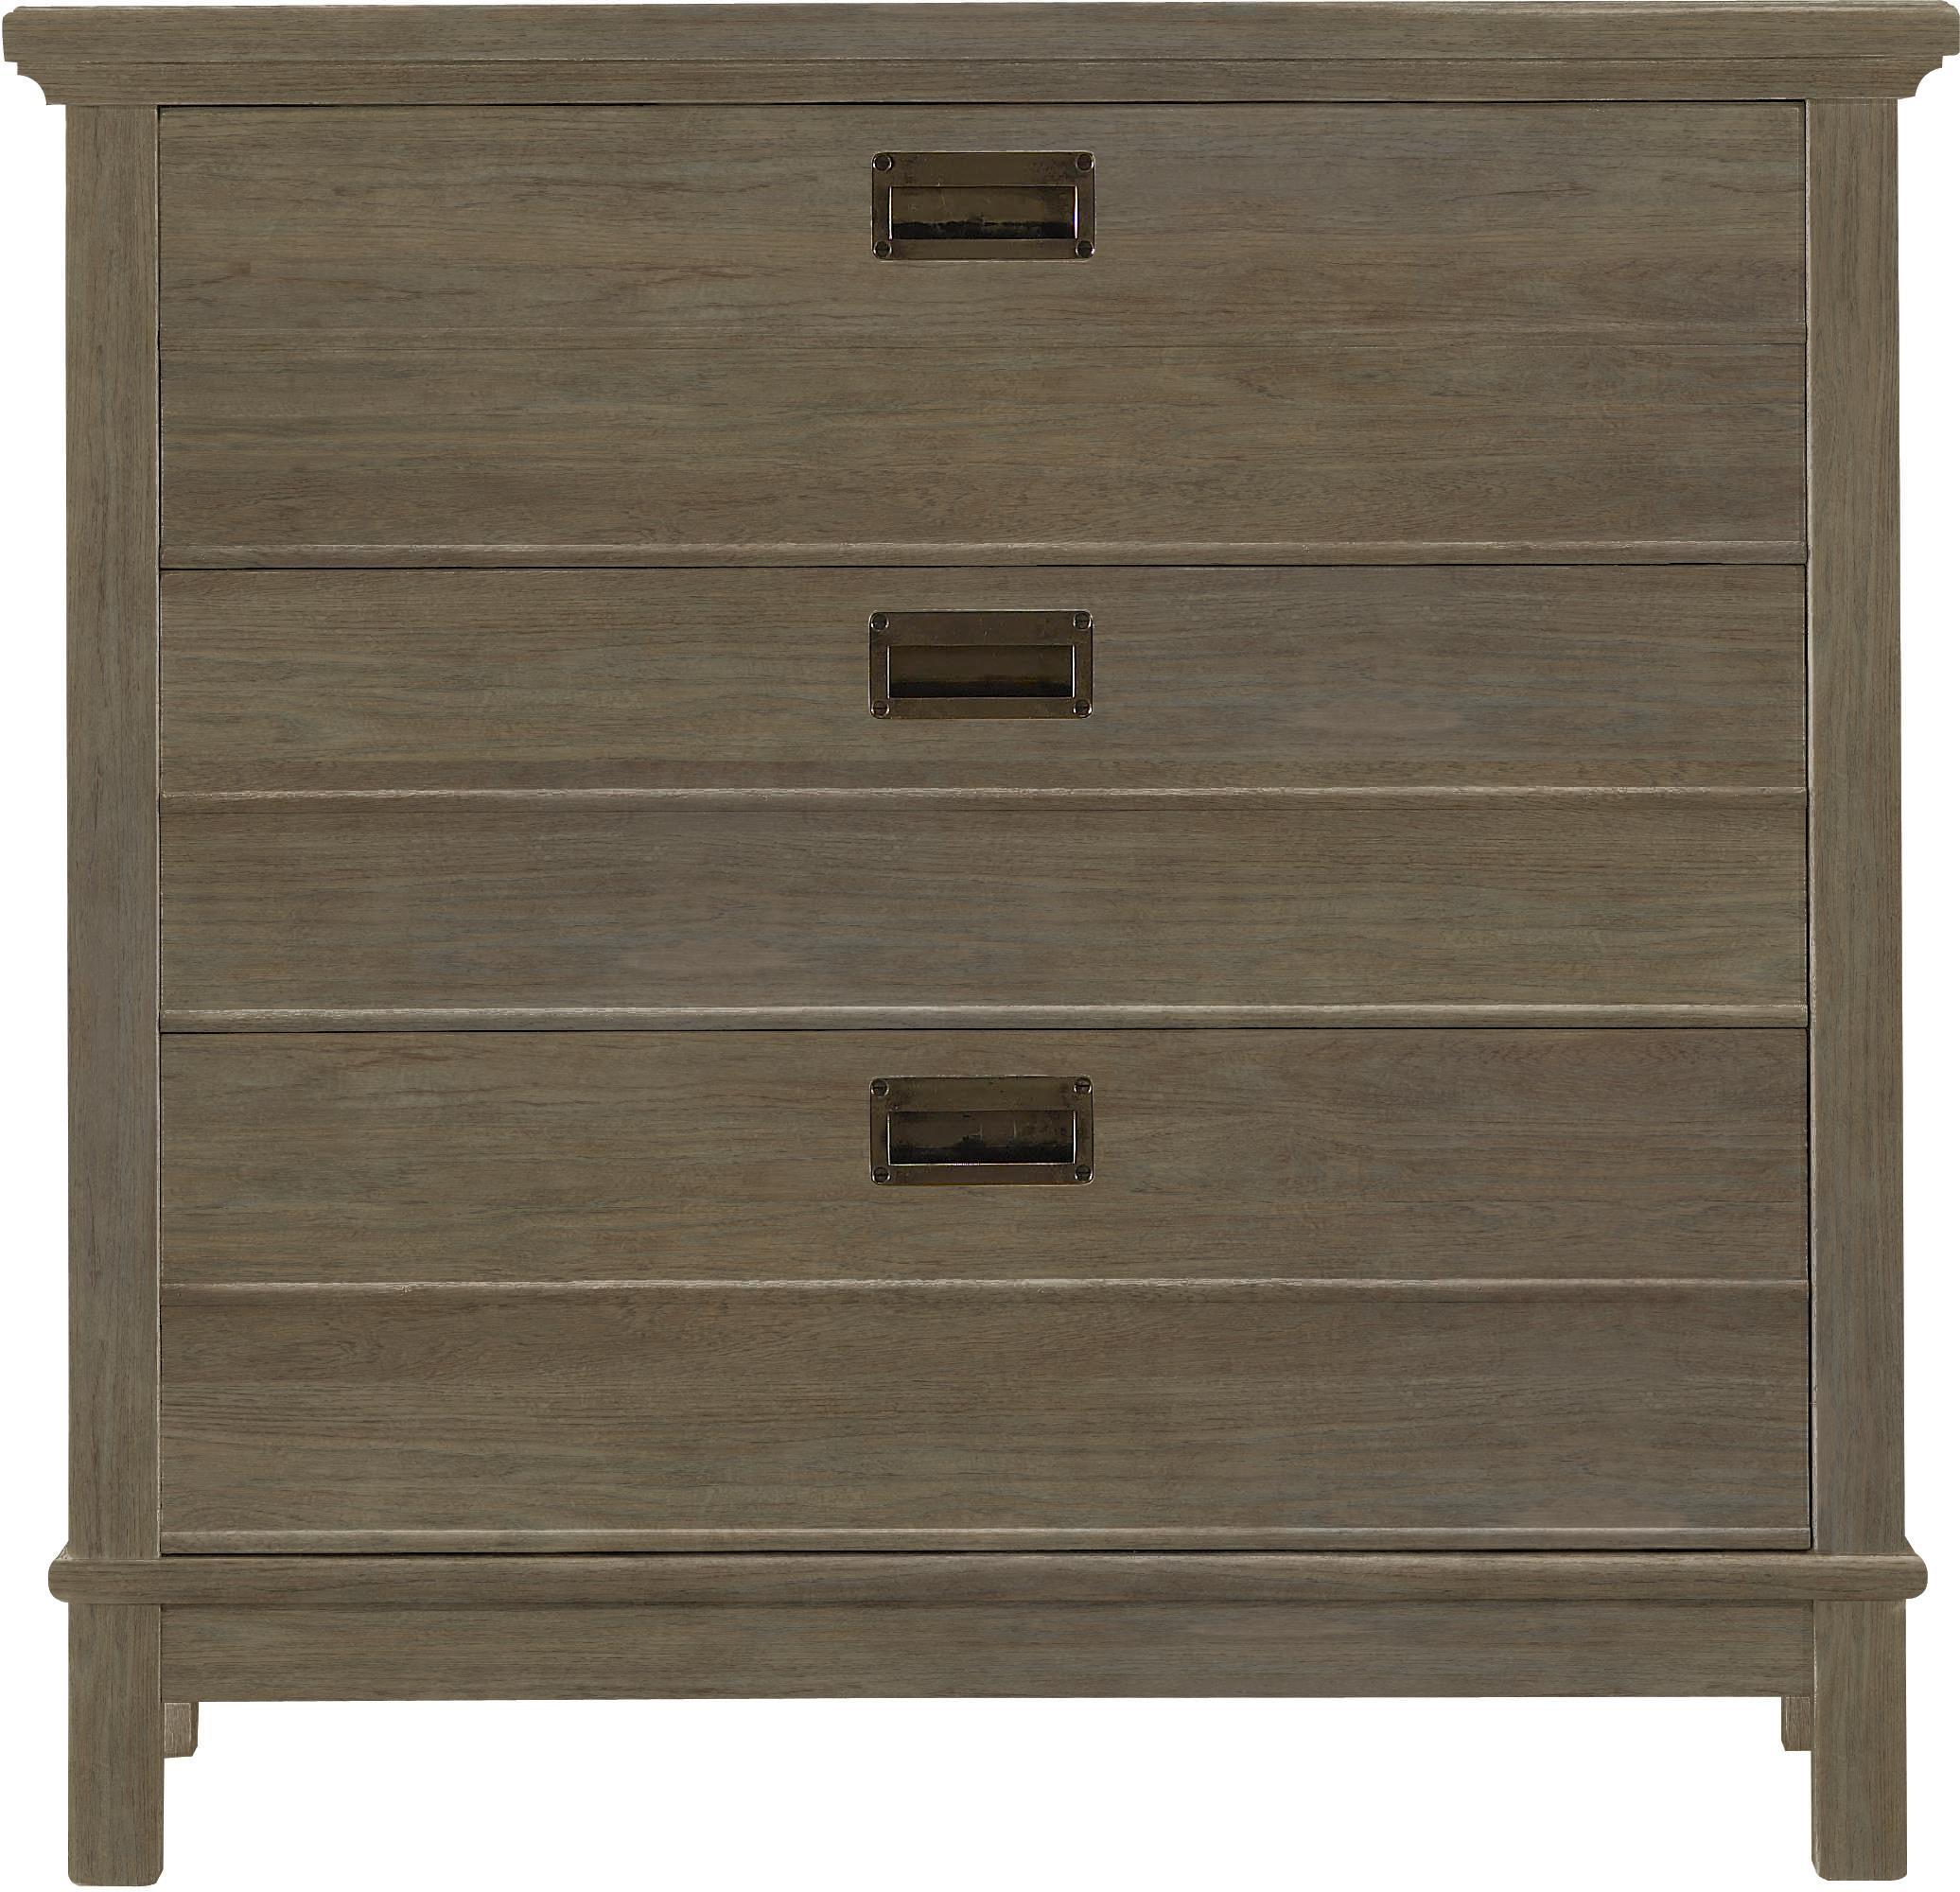 Stanley Furniture Coastal Living Resort Cape Comber Bachelor's Chest - Item Number: 062-33-16